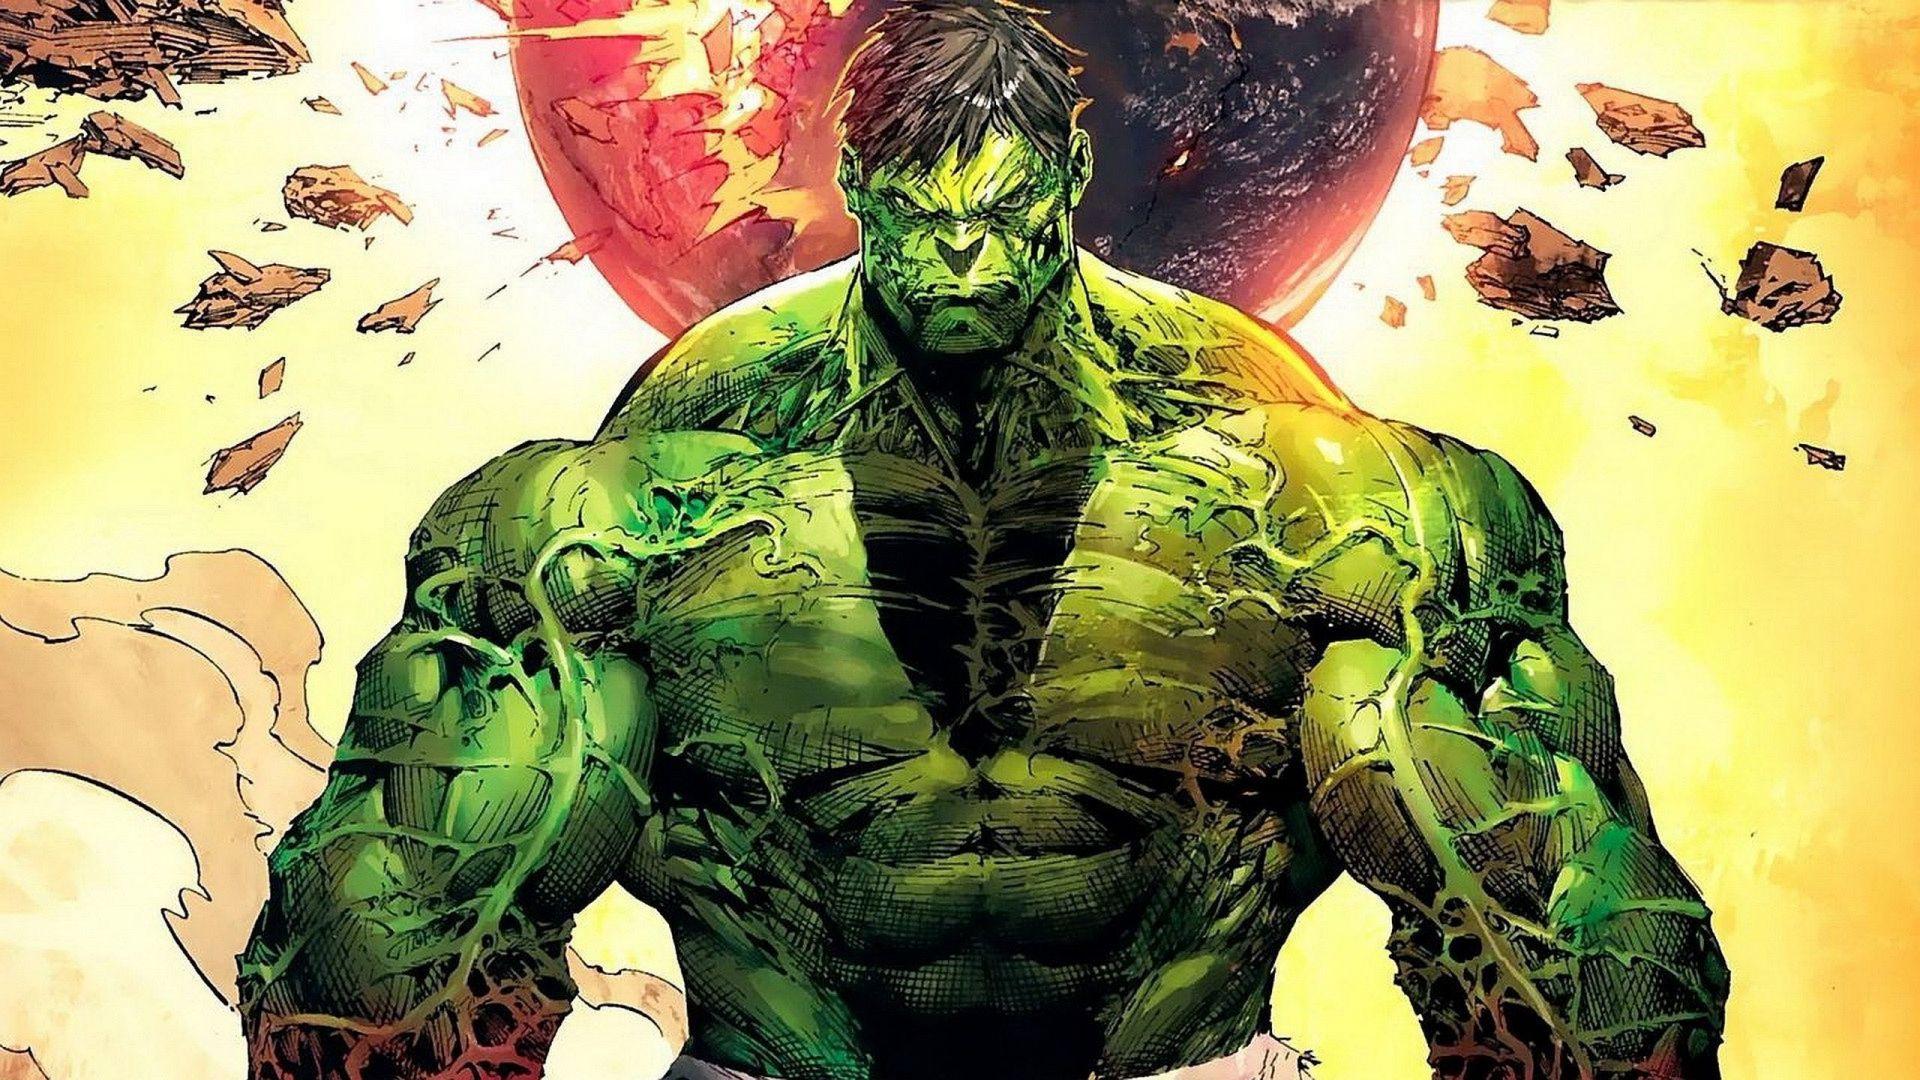 ลือหนัก!! Marvel เตรียมเปิดตัว World War Hulk พร้อมเริ่มถ่ายทำในปีหน้า และอาจได้ฉายในช่วงปี 2024